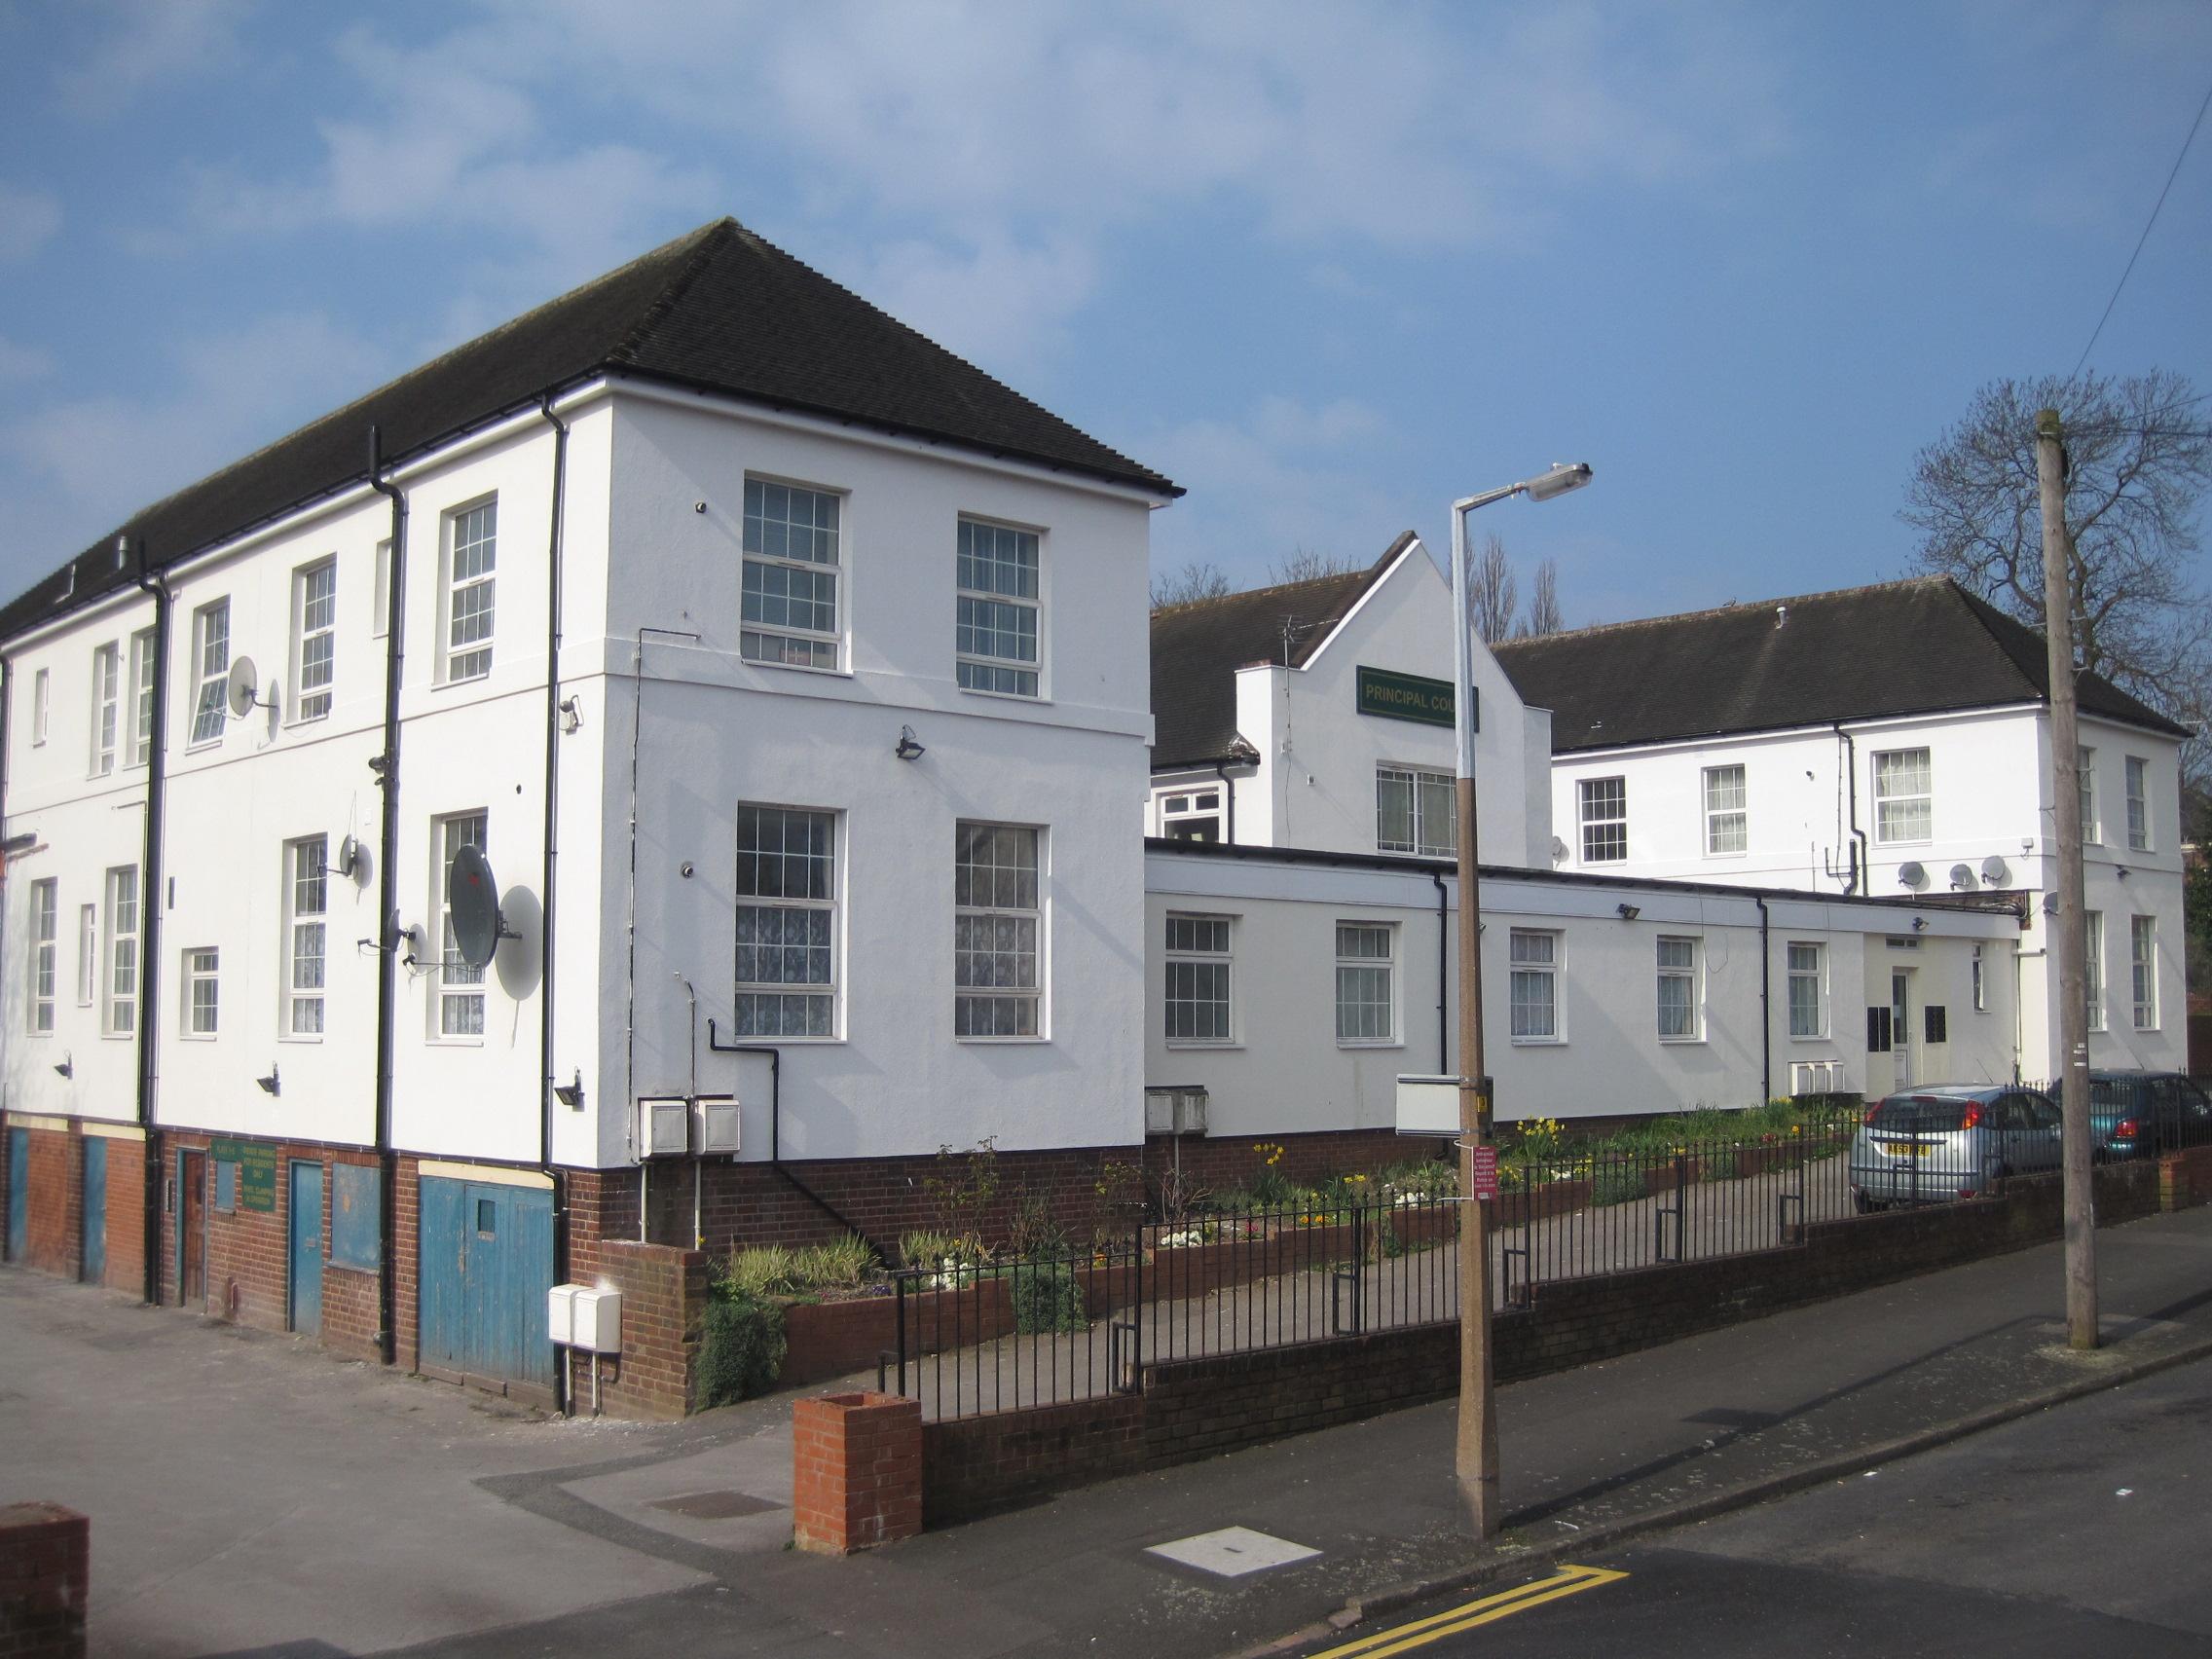 Flat 10 Principal Court, Firs lane, Smethwick